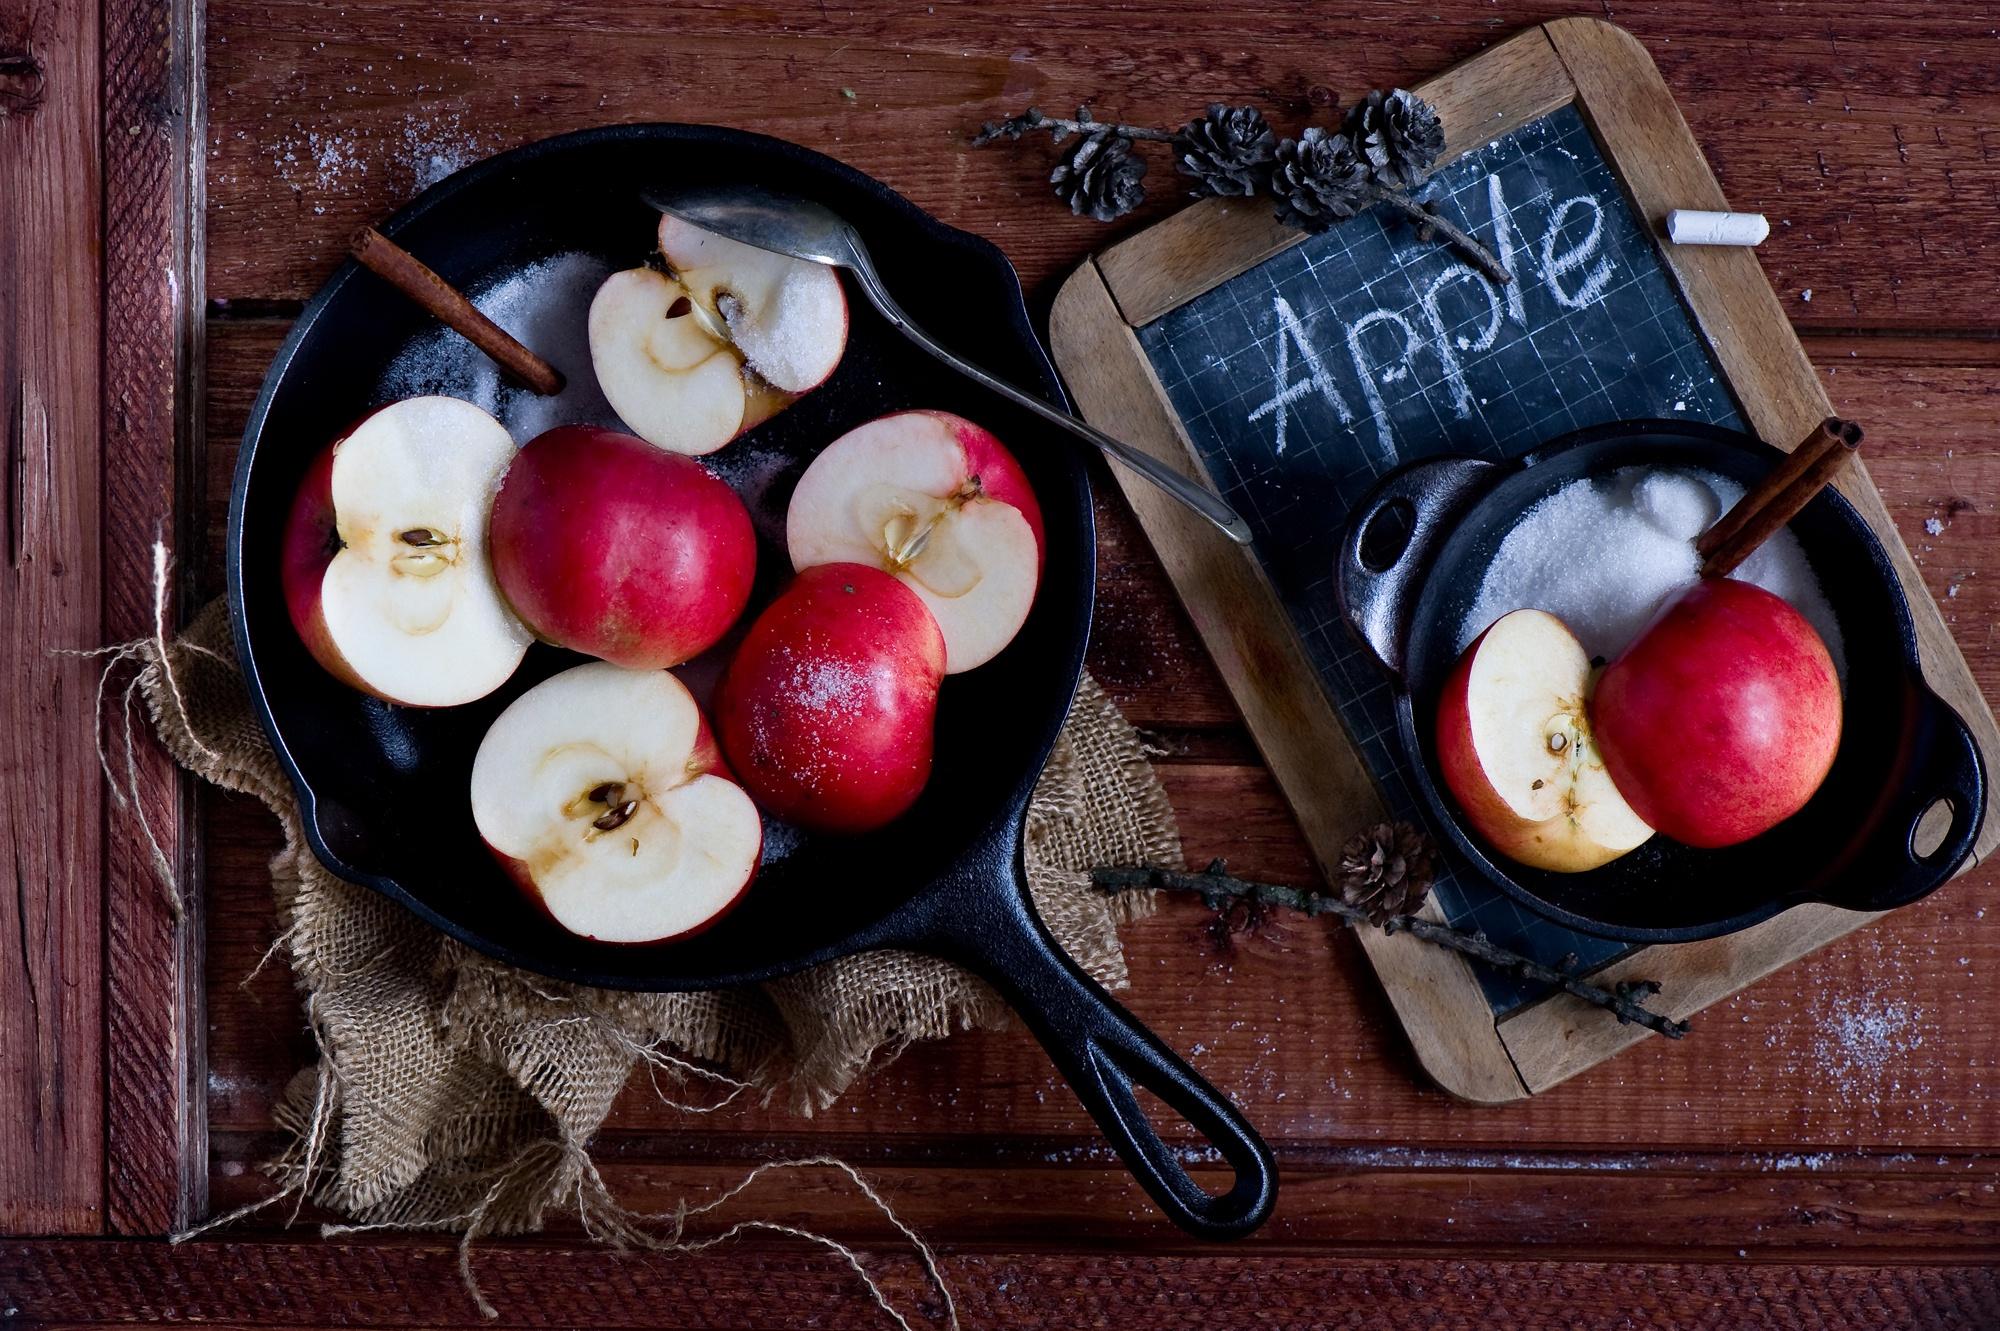 еда яблоки food apples скачать